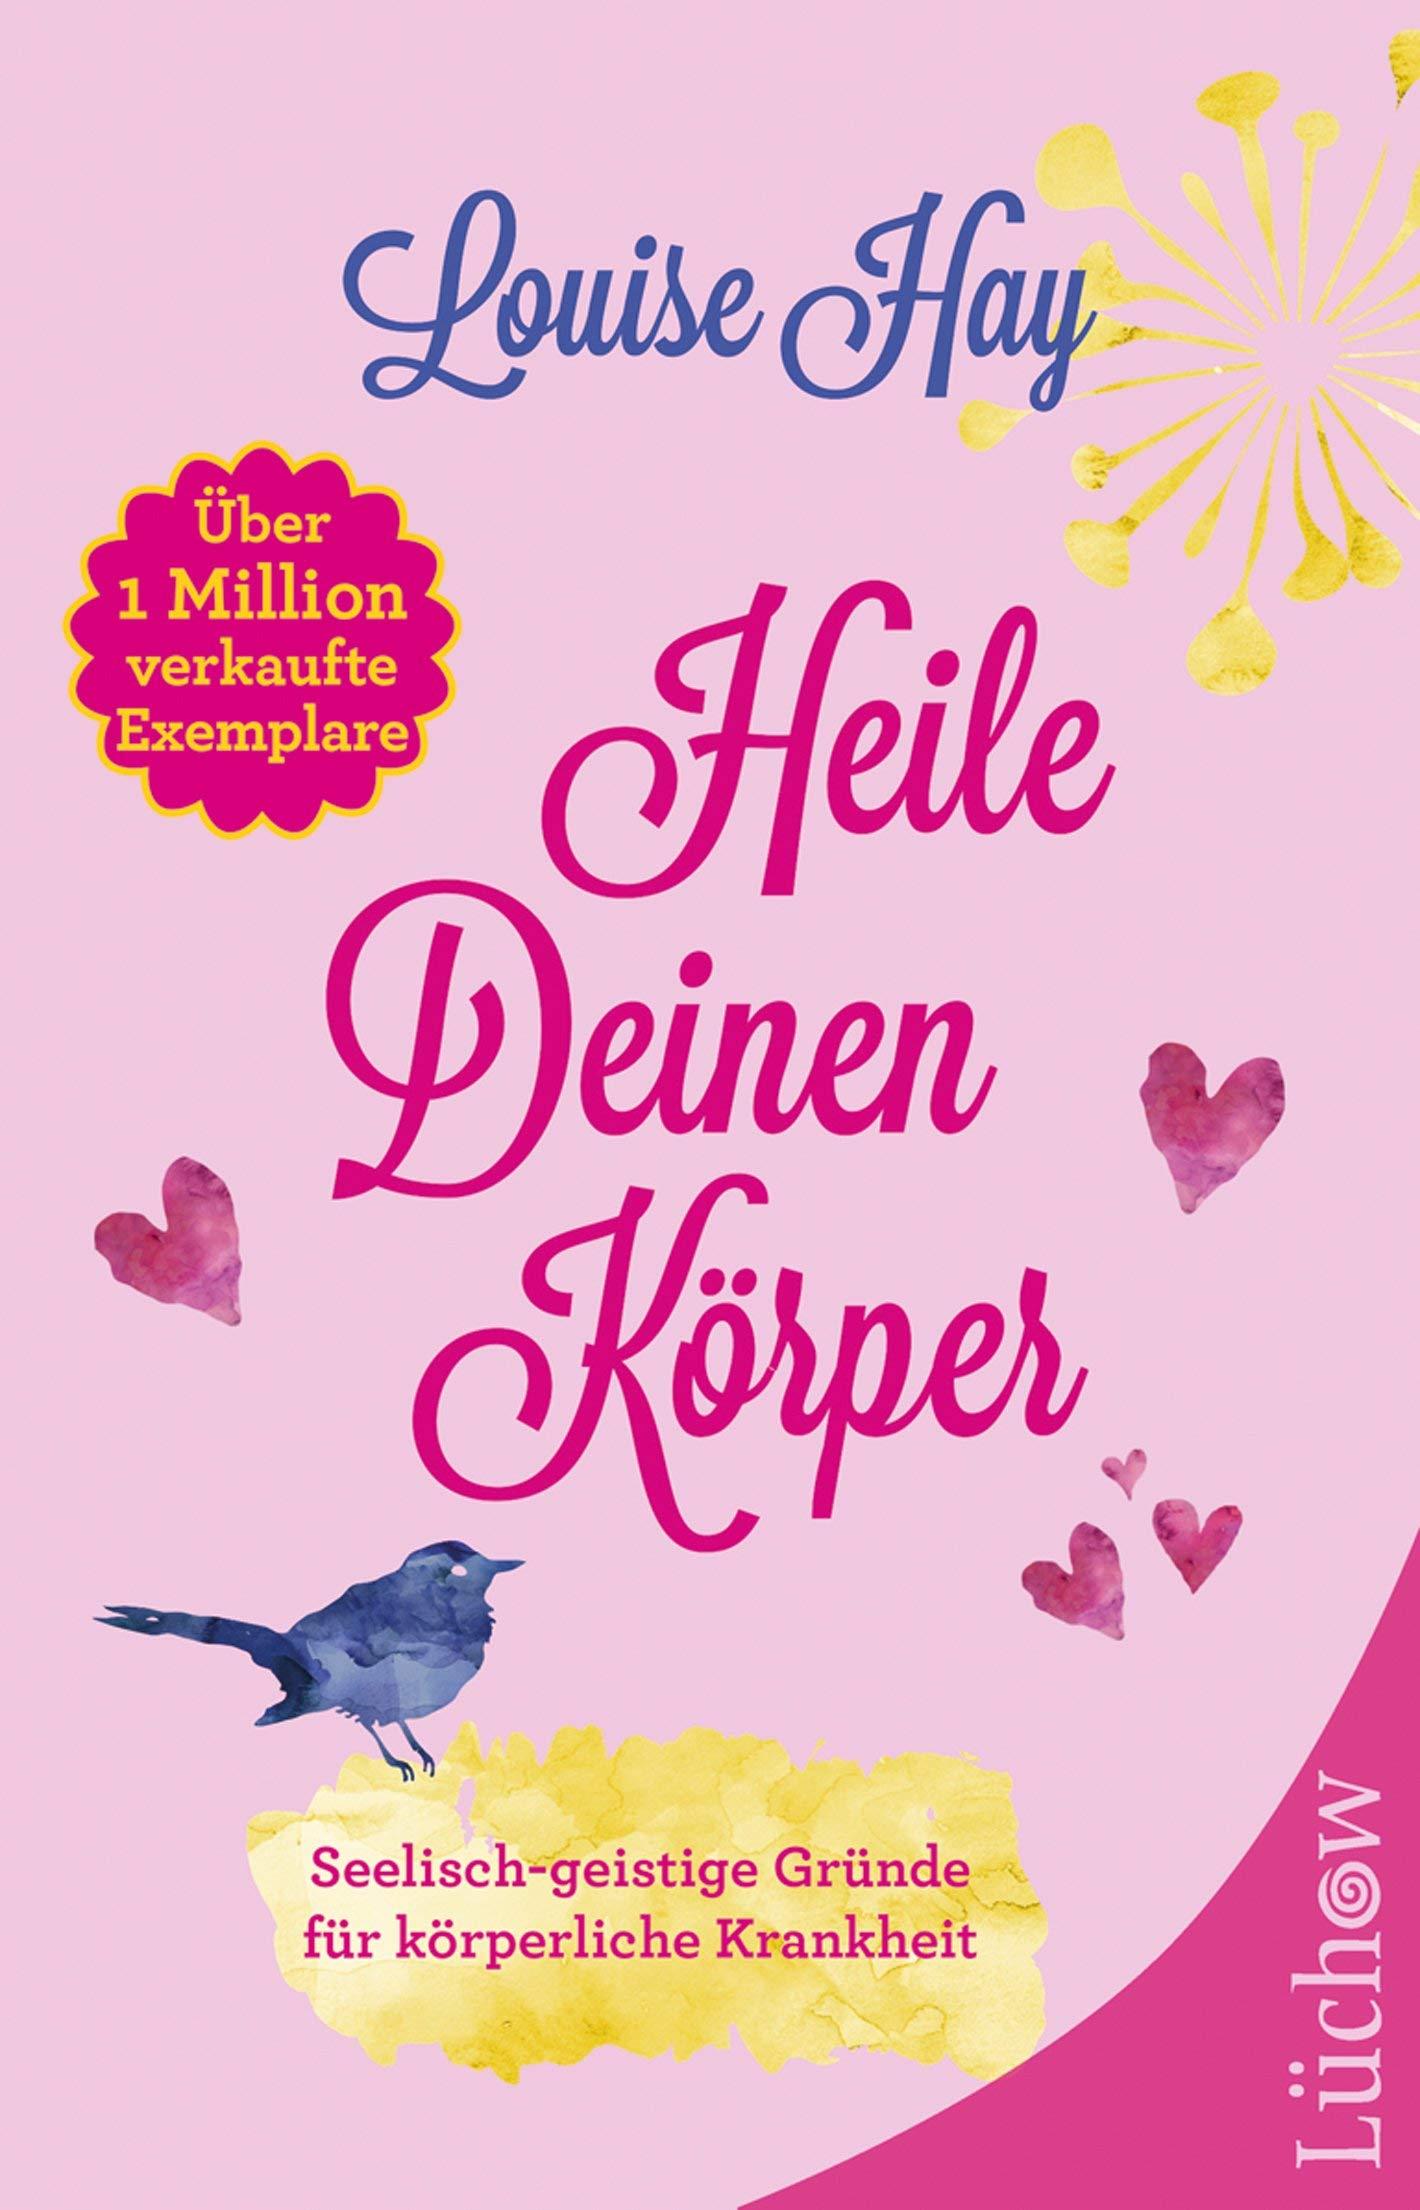 Gesundheit Fur Korper Und Seele Von A Z Alle Heil Affirmationen.pdf Download